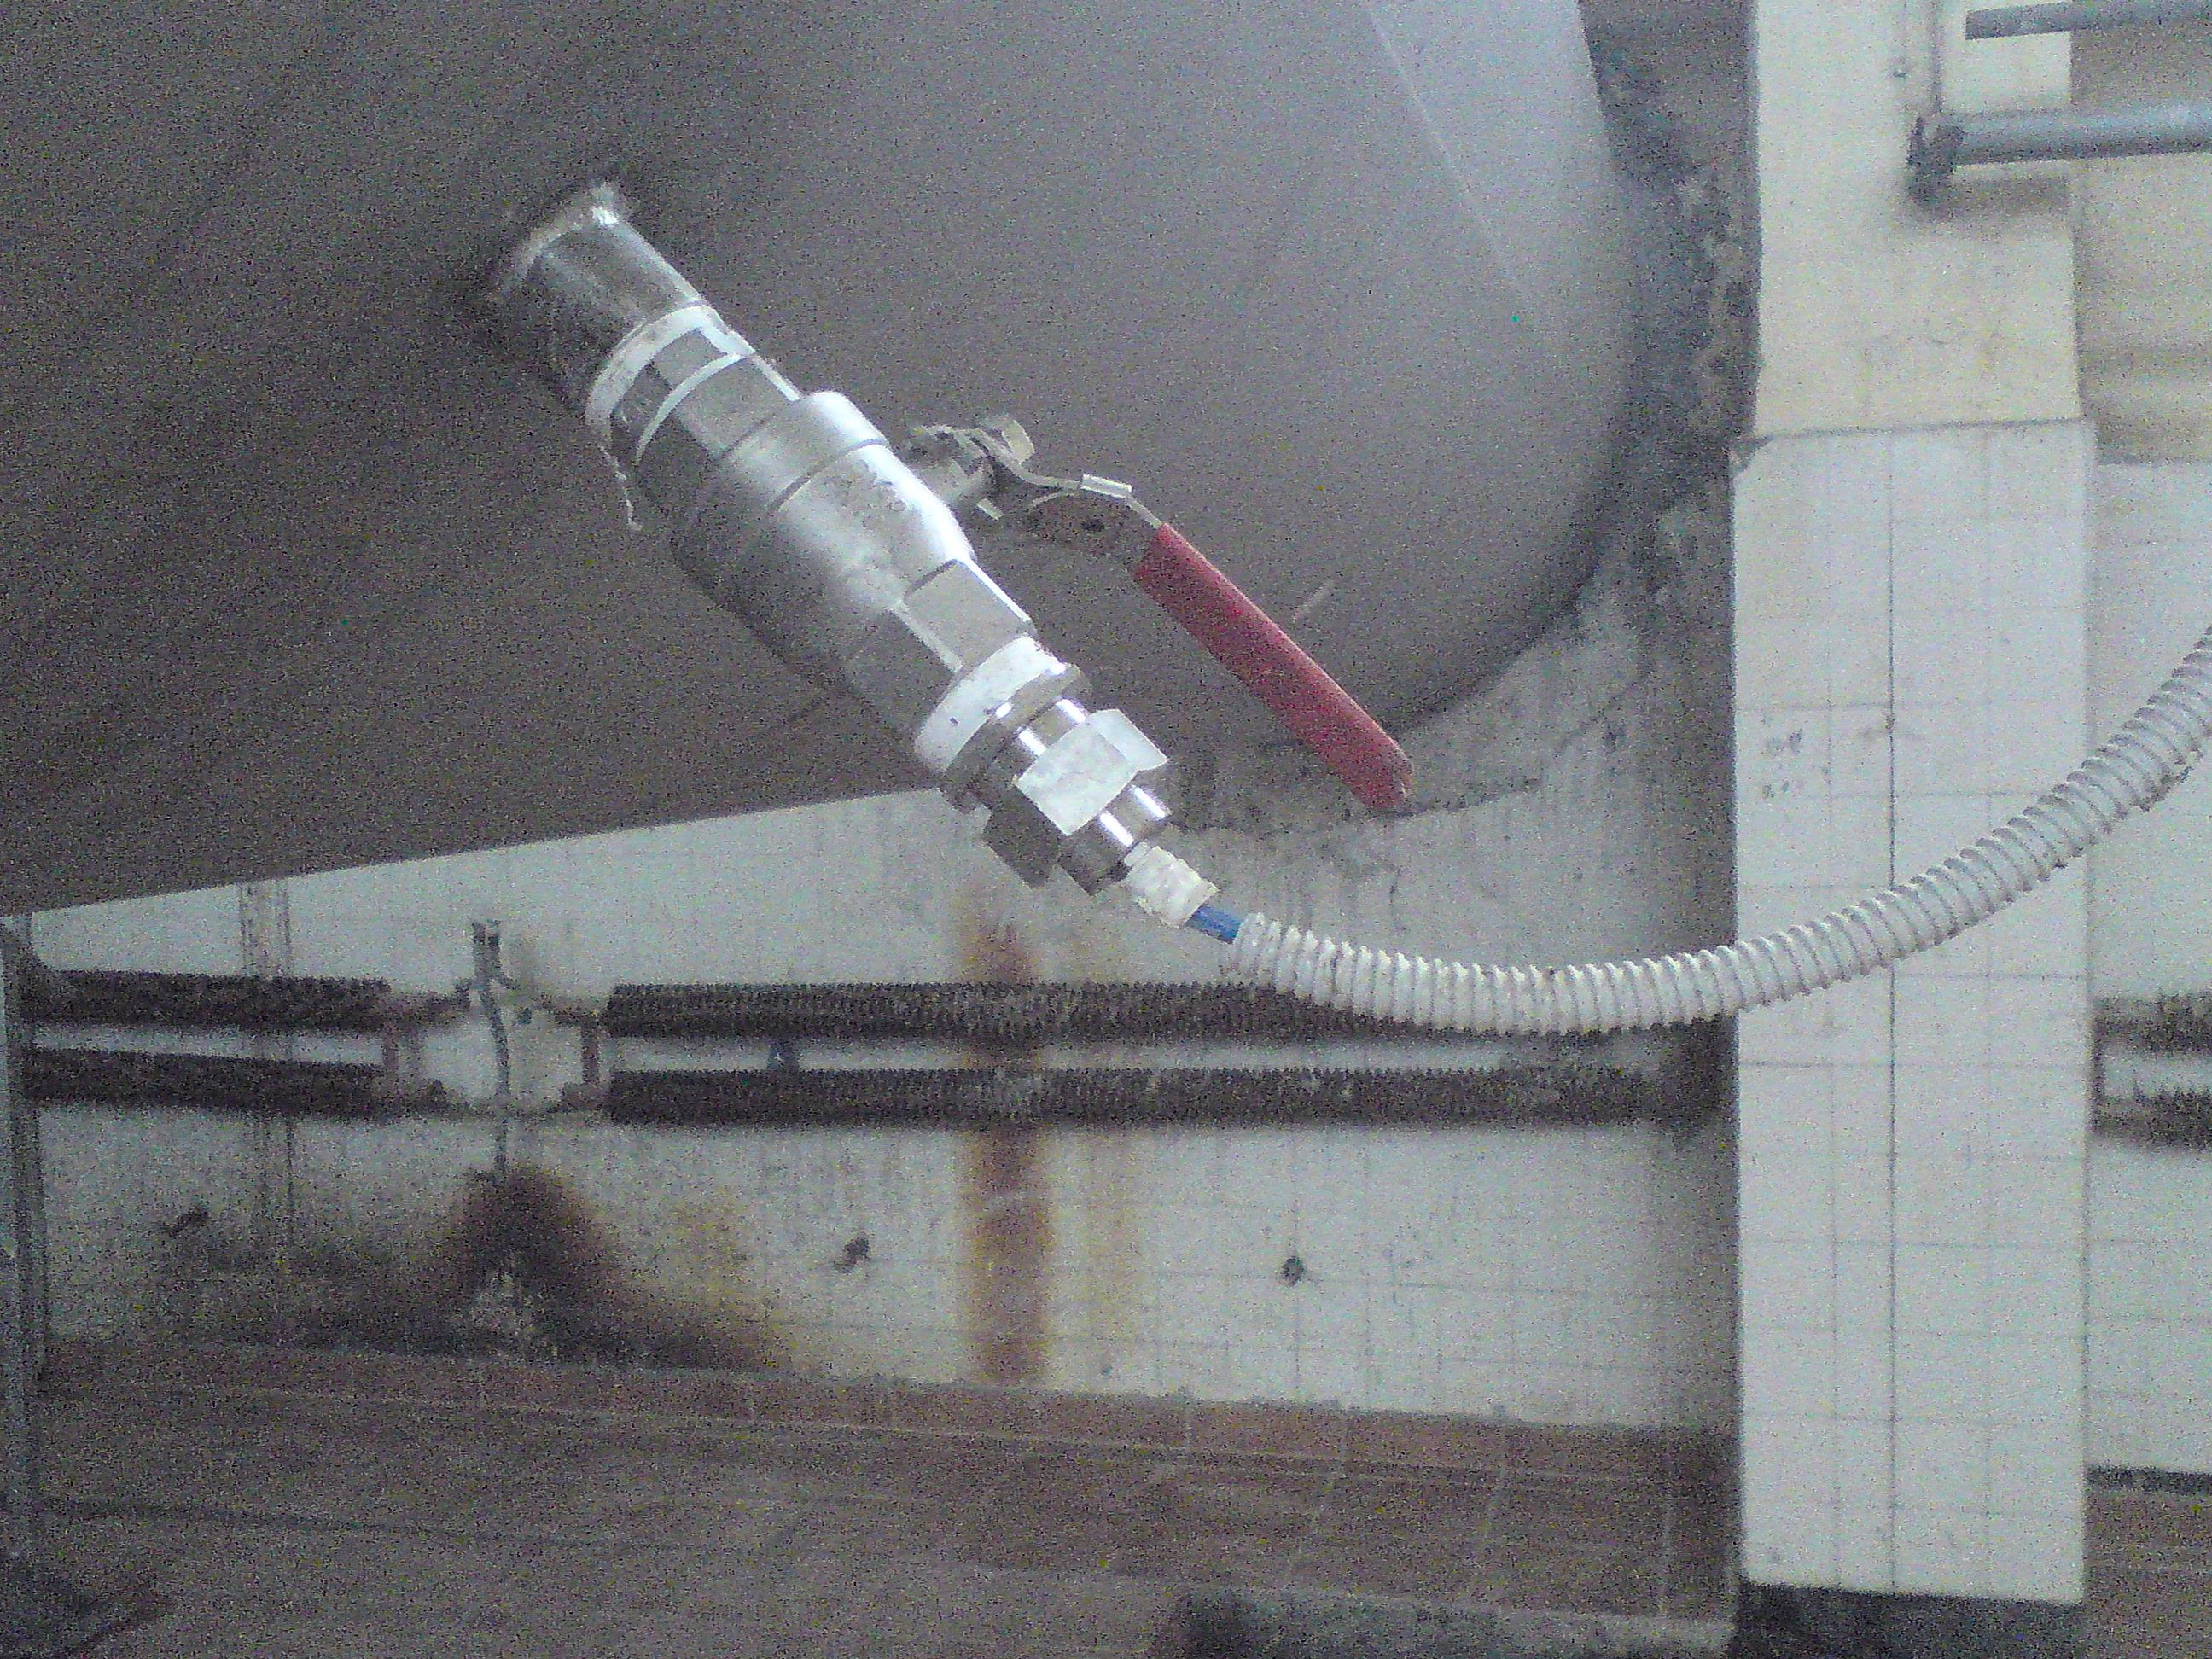 измерване на скорост на поток  - датчик KDAR007